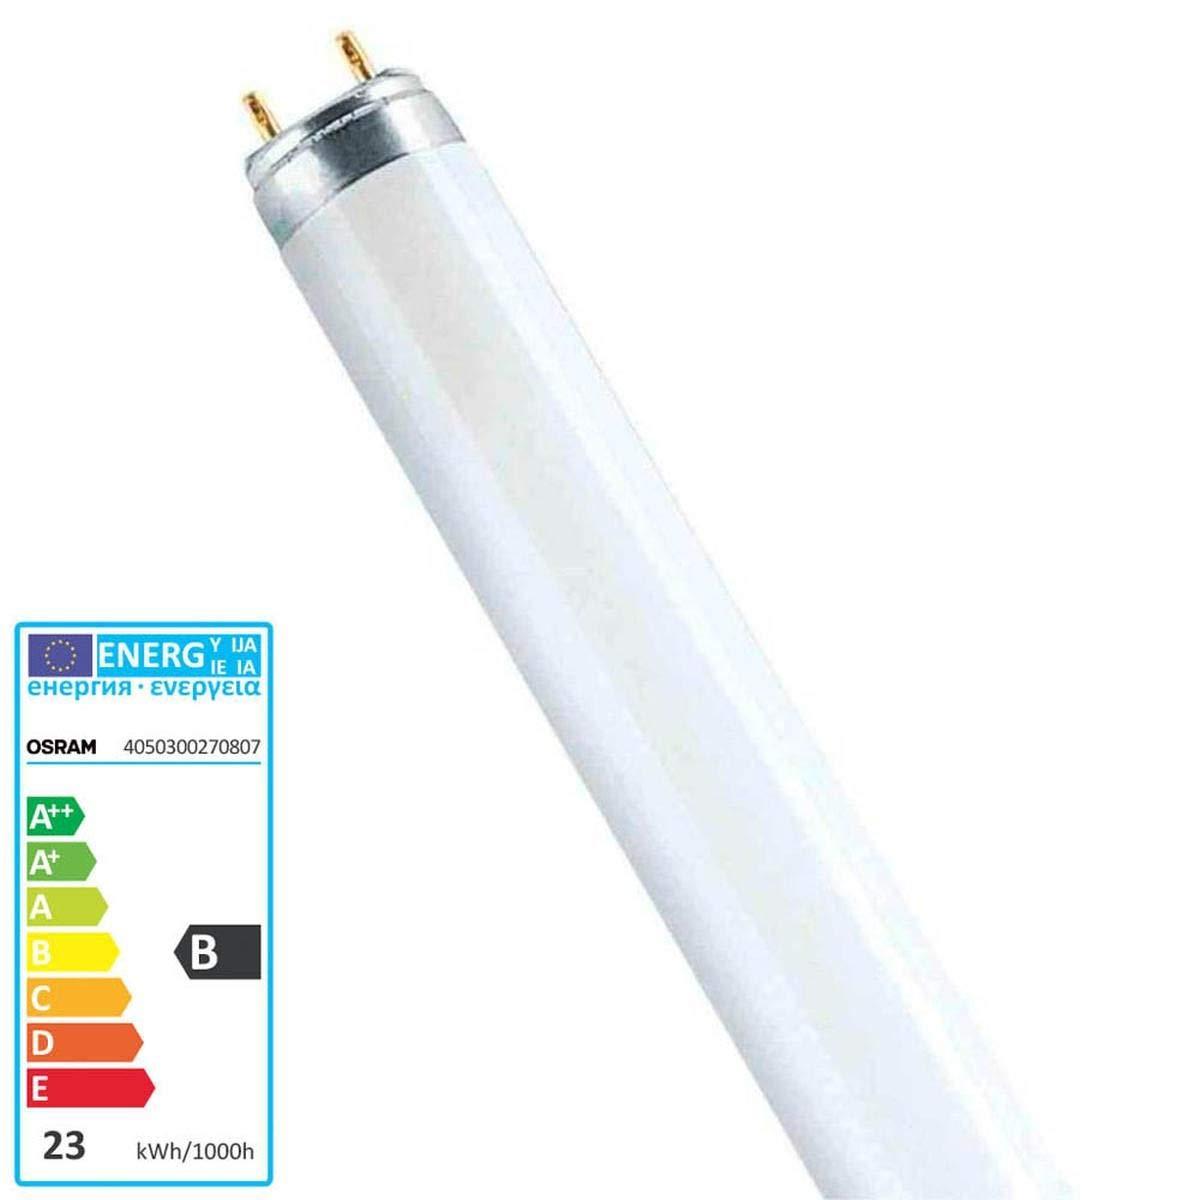 Osram Leuchtstofflampe BIOLUX T26 G13 tageslichtws L 18/965 Biolux